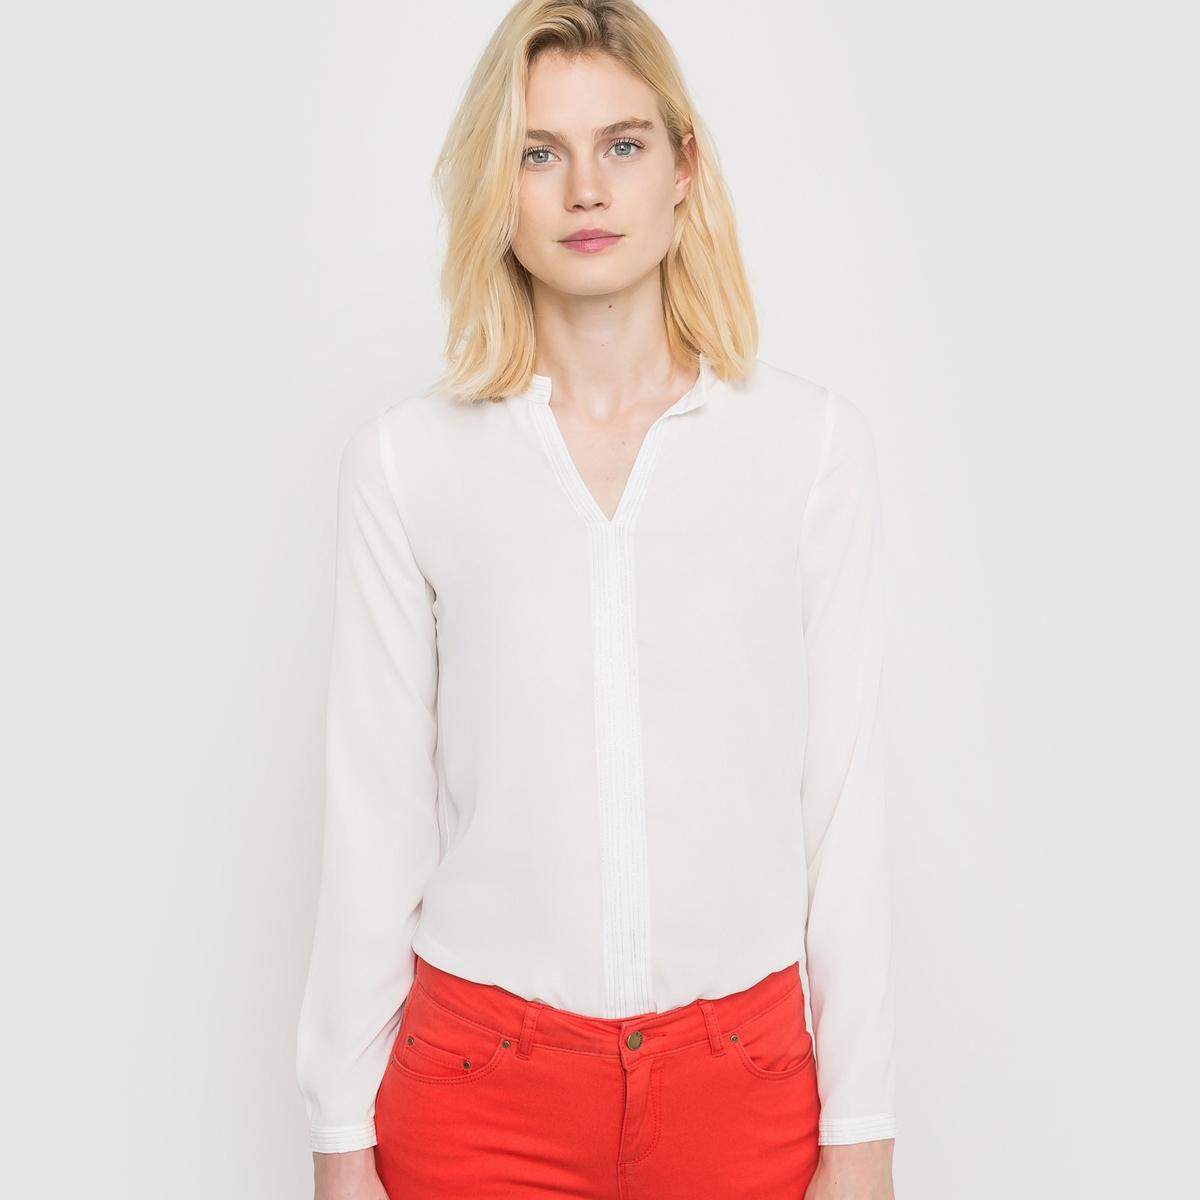 Блузка однотонная с длинными рукавамиОднотонная блузка. Маленький воротник мао. Длинные рукава. 100% полиэстера . Прострочка металлизированными нитями. Длина 59 см.<br><br>Цвет: слоновая кость<br>Размер: 48 (FR) - 54 (RUS)